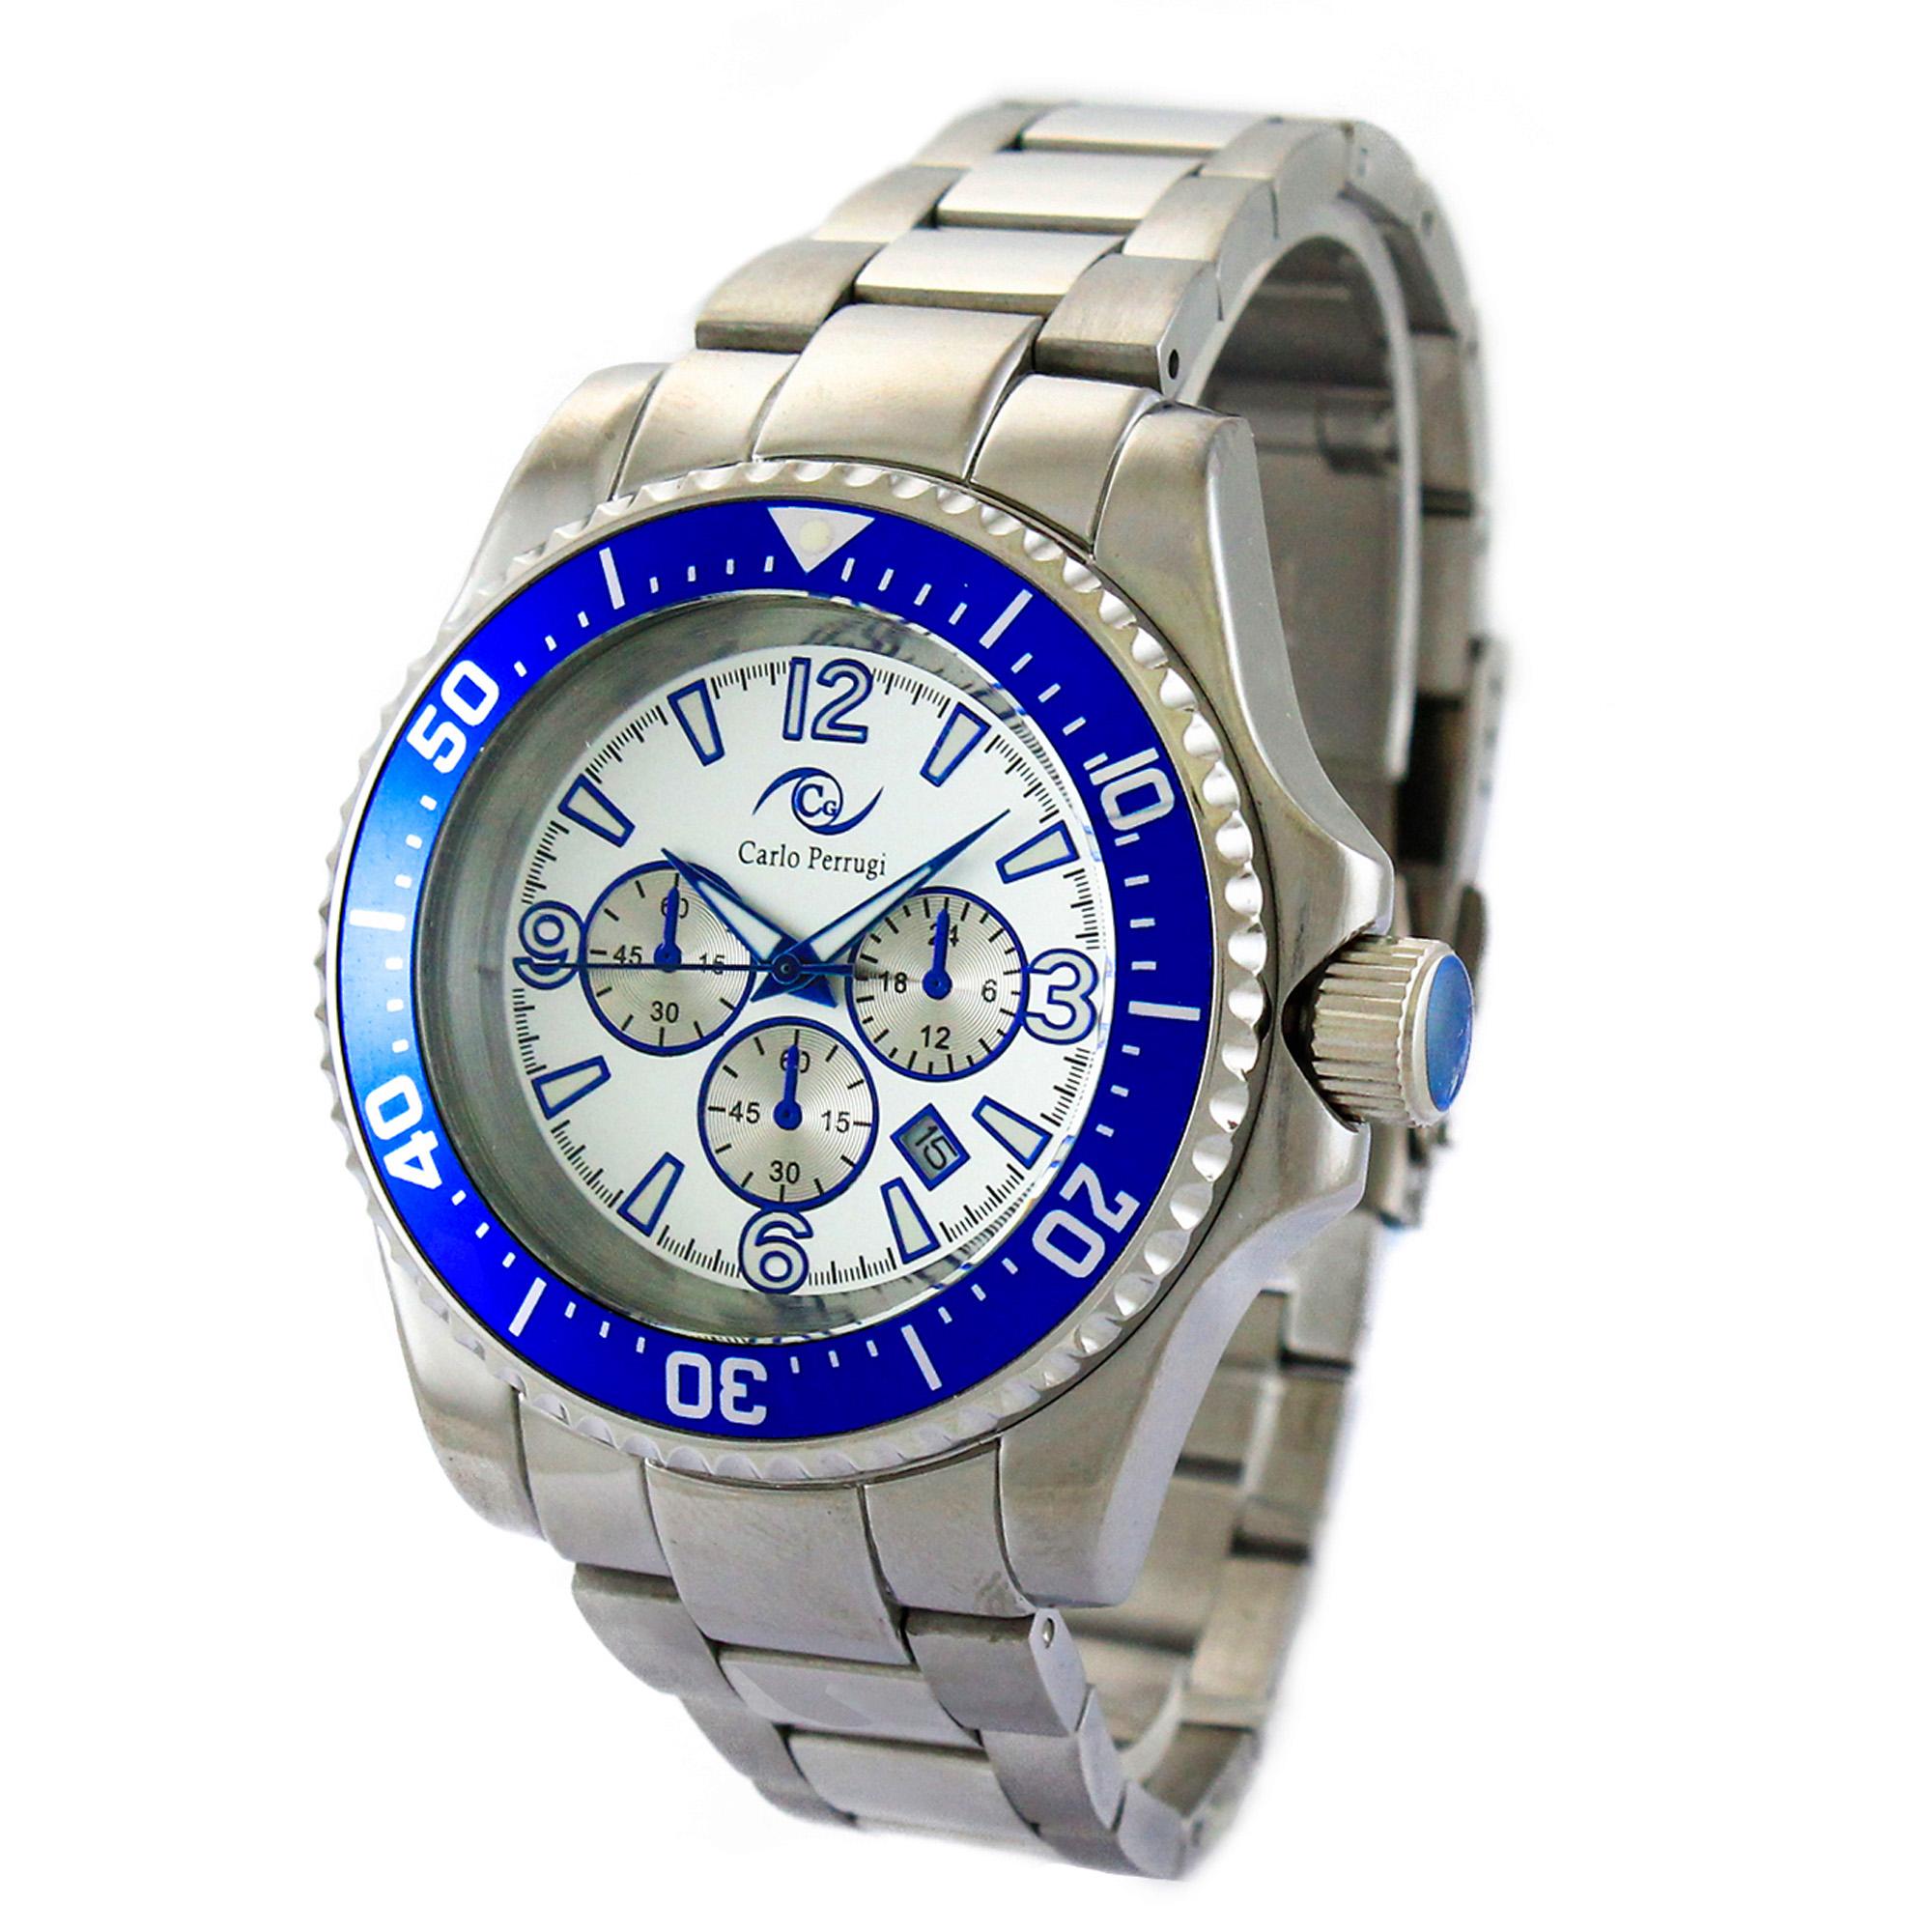 ساعت مچی عقربه ای مردانه کارلو پروجی مدل G8998-3